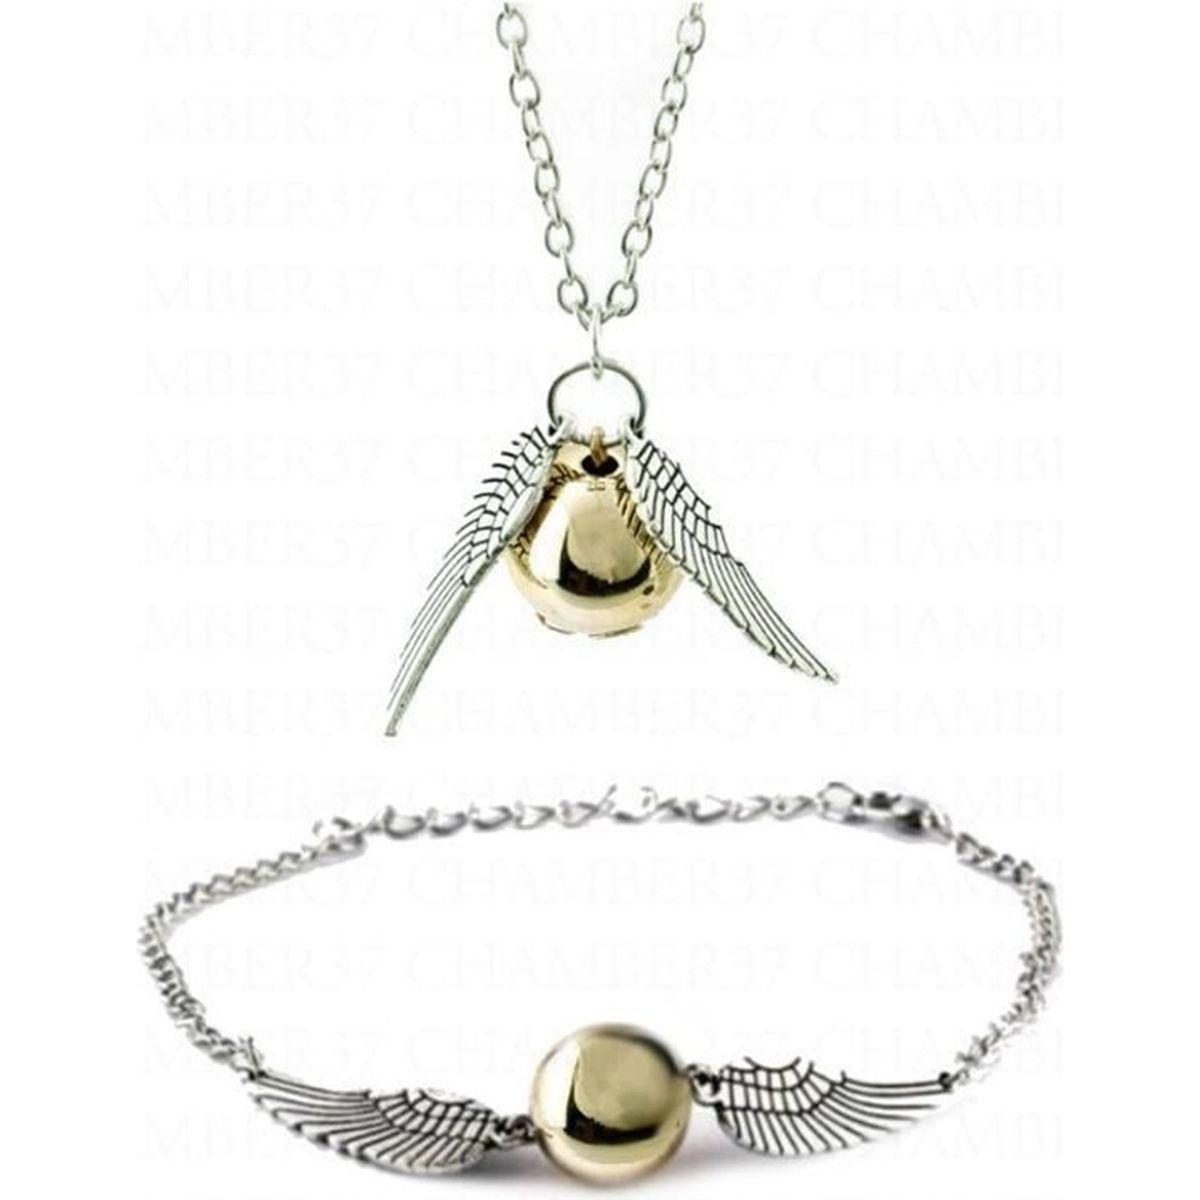 Collier de 42 cm de long avec extension de 5 cm bracelet /élastique et boucles d/'oreilles /à pendants Avalaya En perles de verre bleu roi de 5 et 7 mm et plaqu/é argent Parure collier